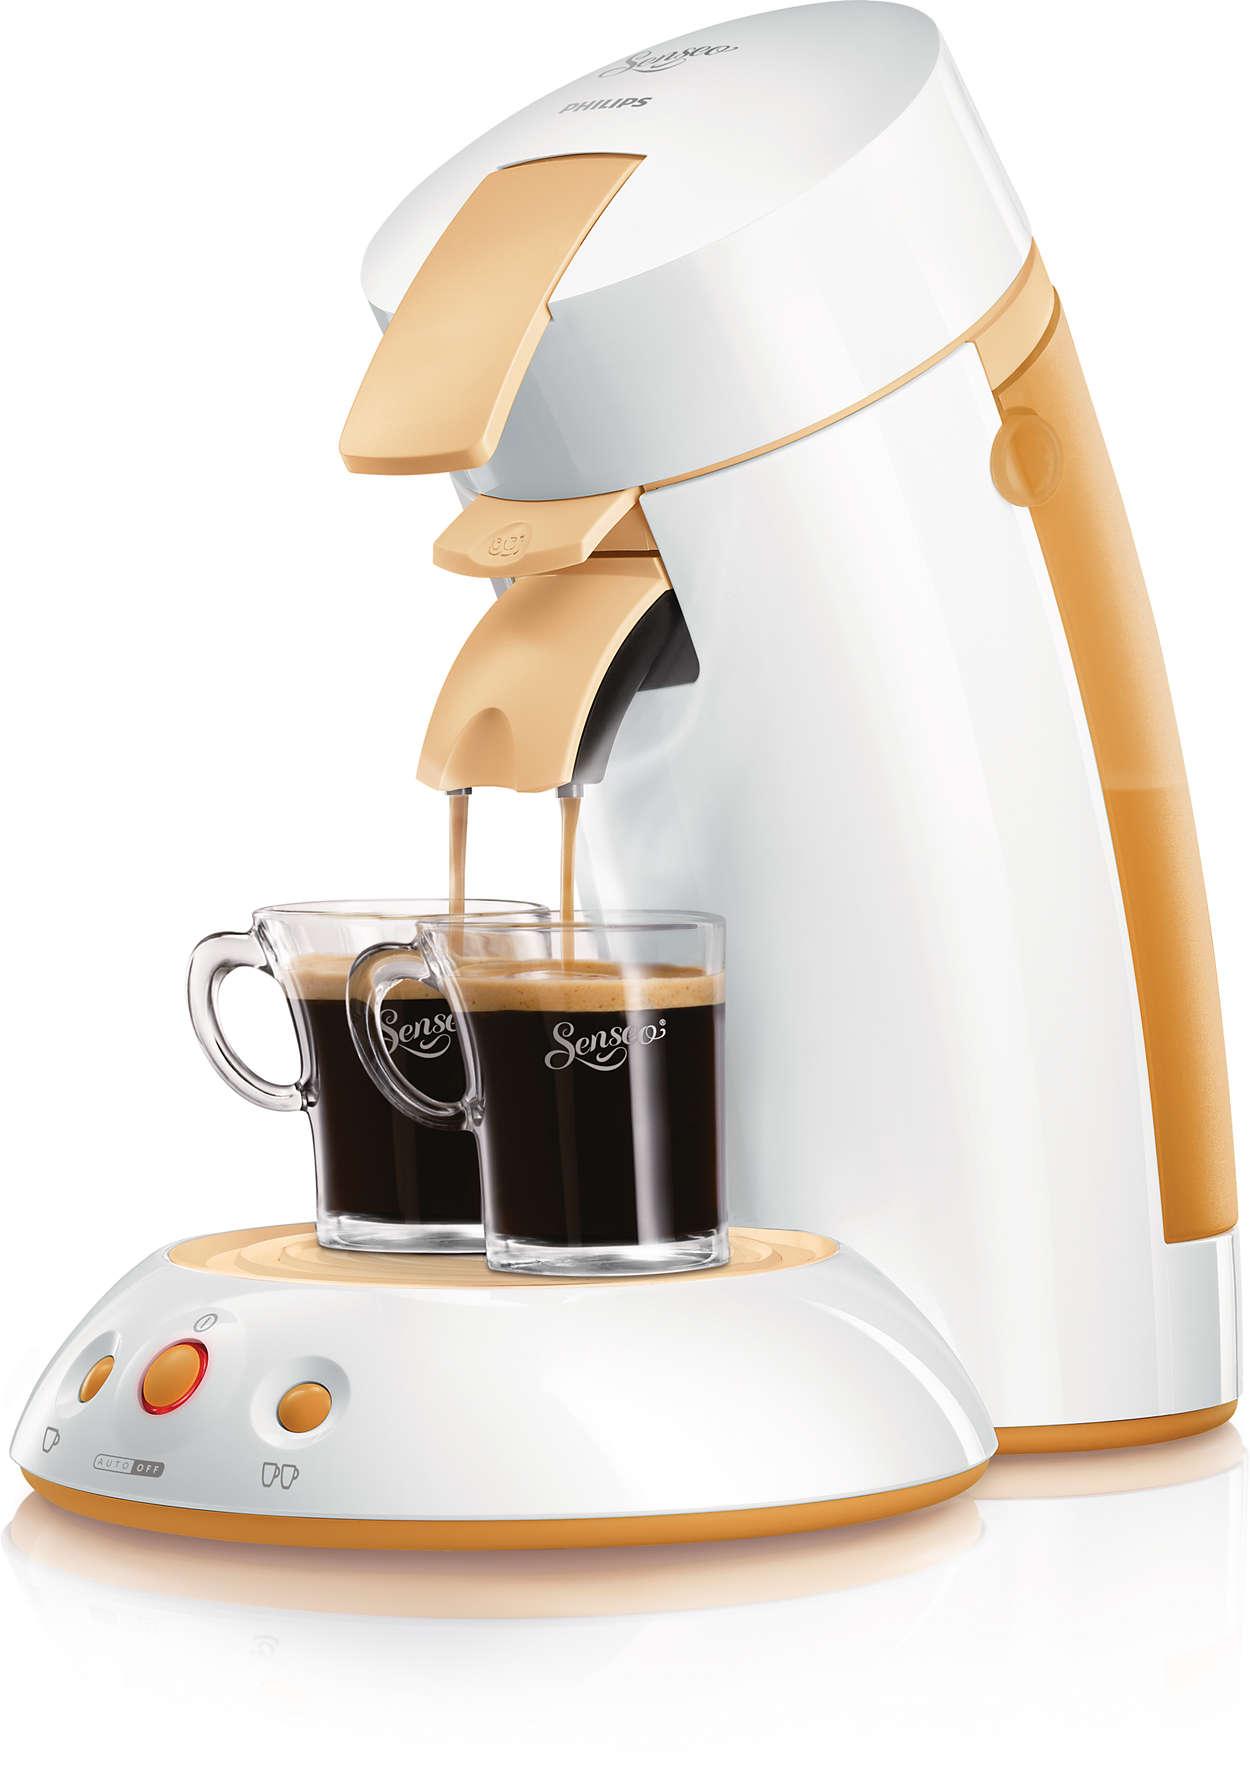 Gewoon genieten van uw koffie